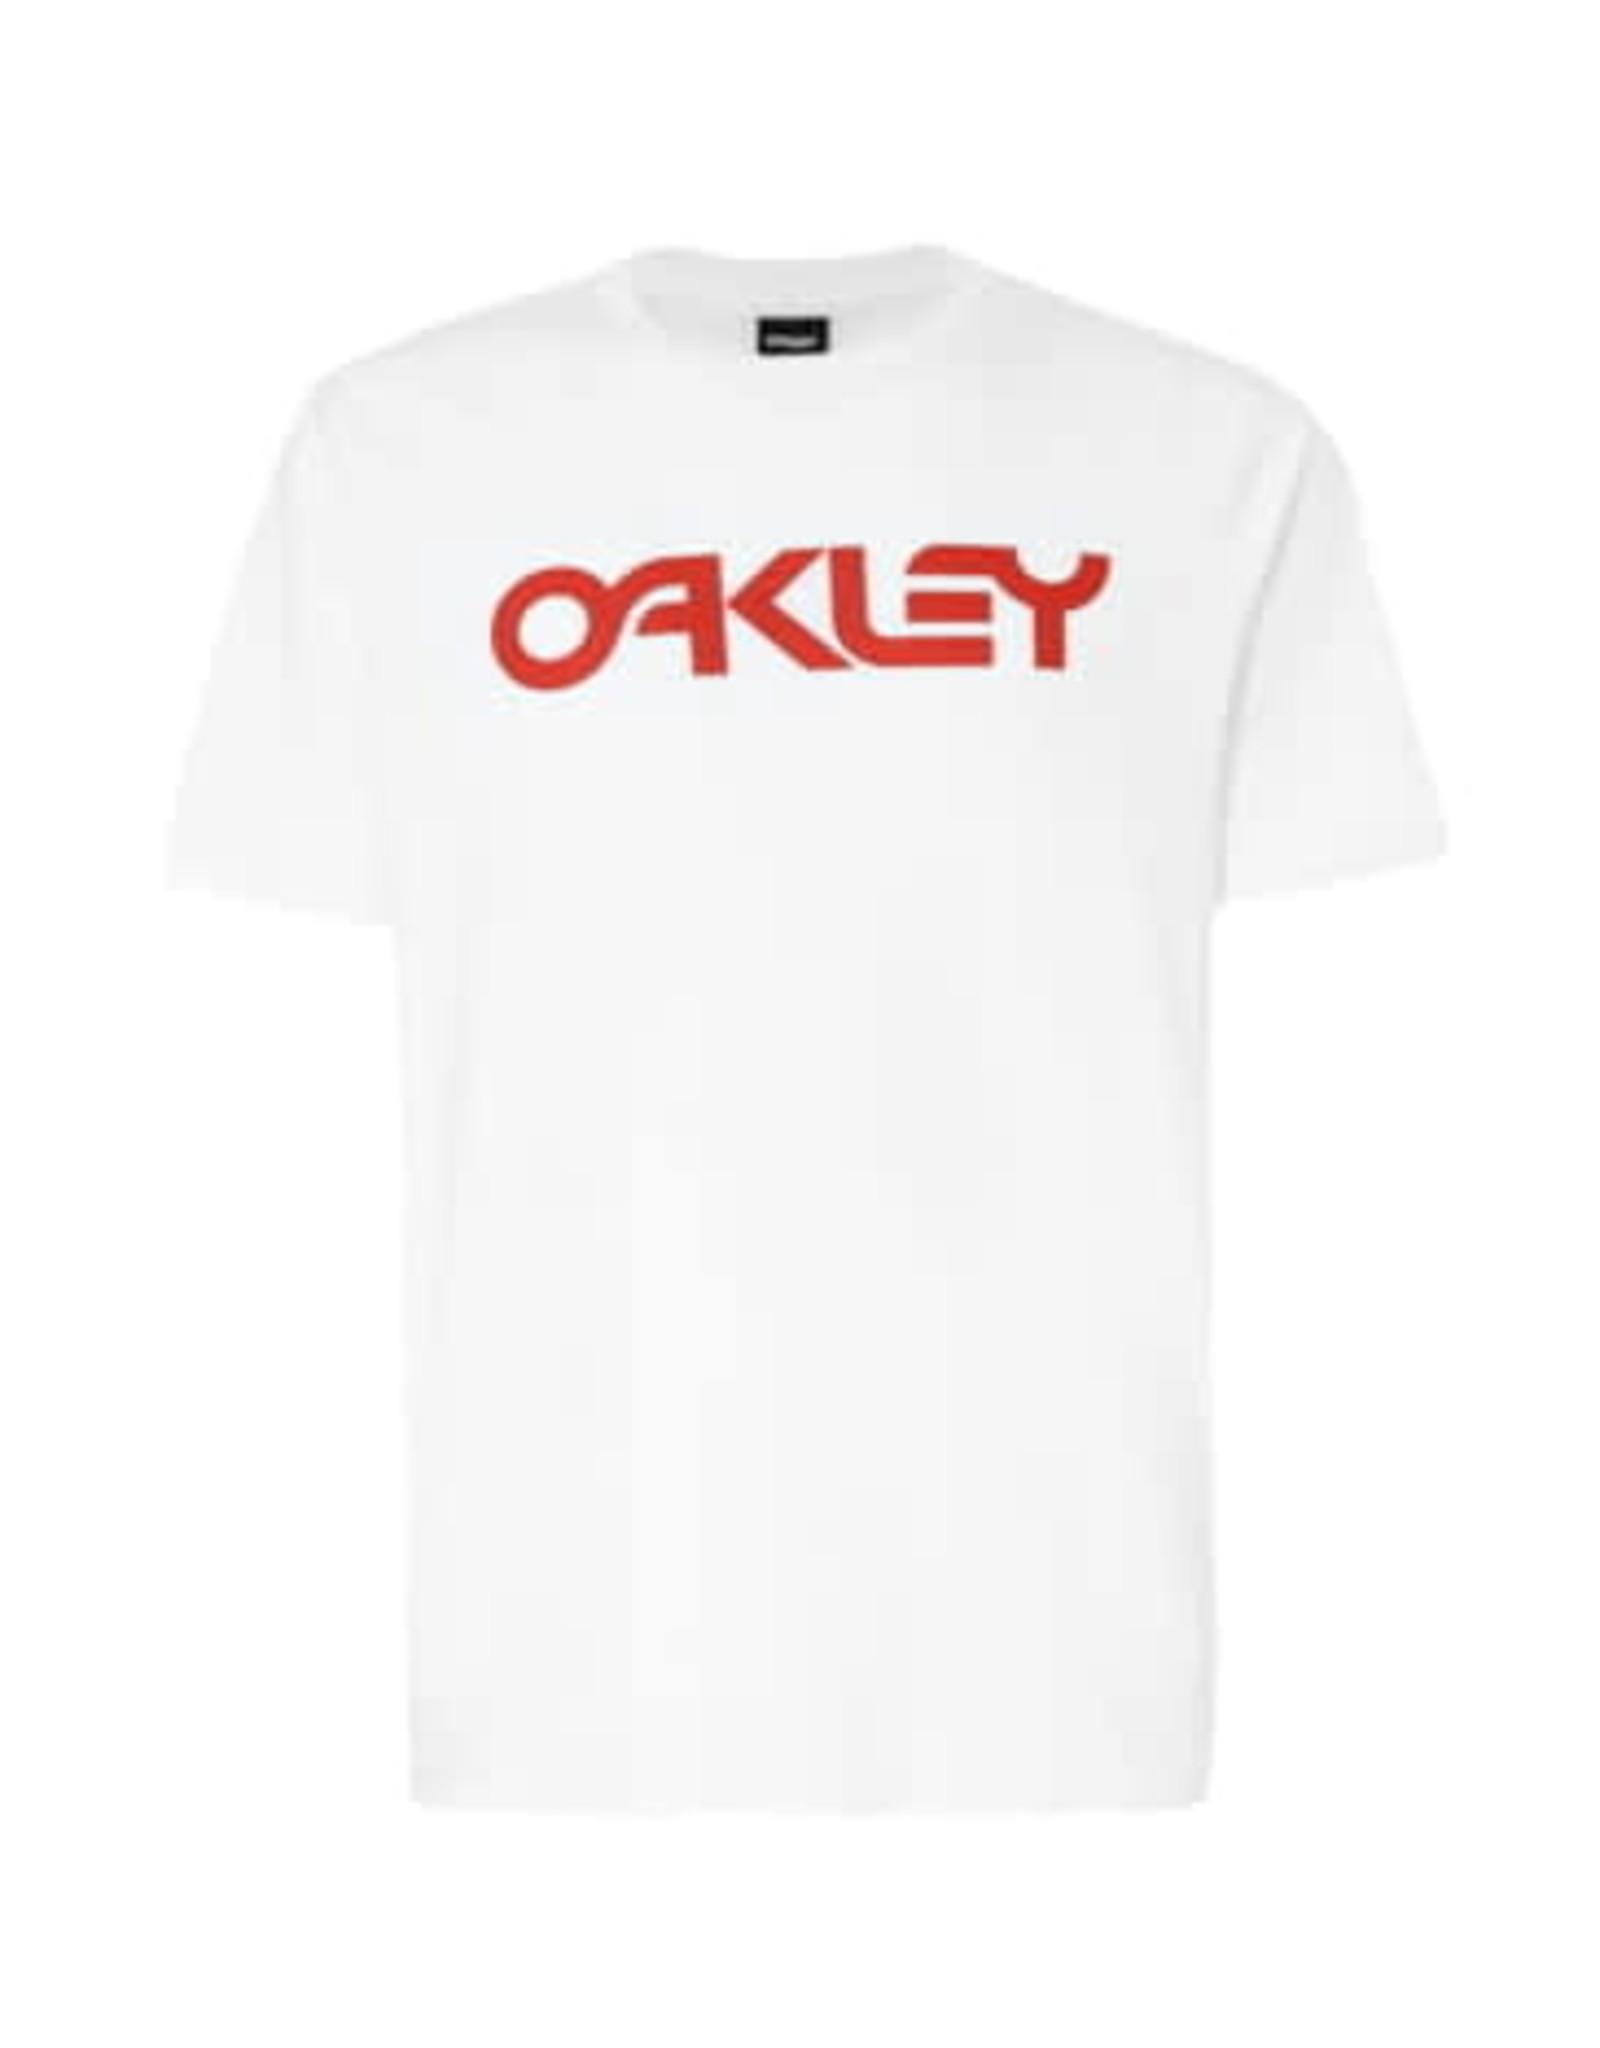 Oakley Oakley - MARK II Tee White - L